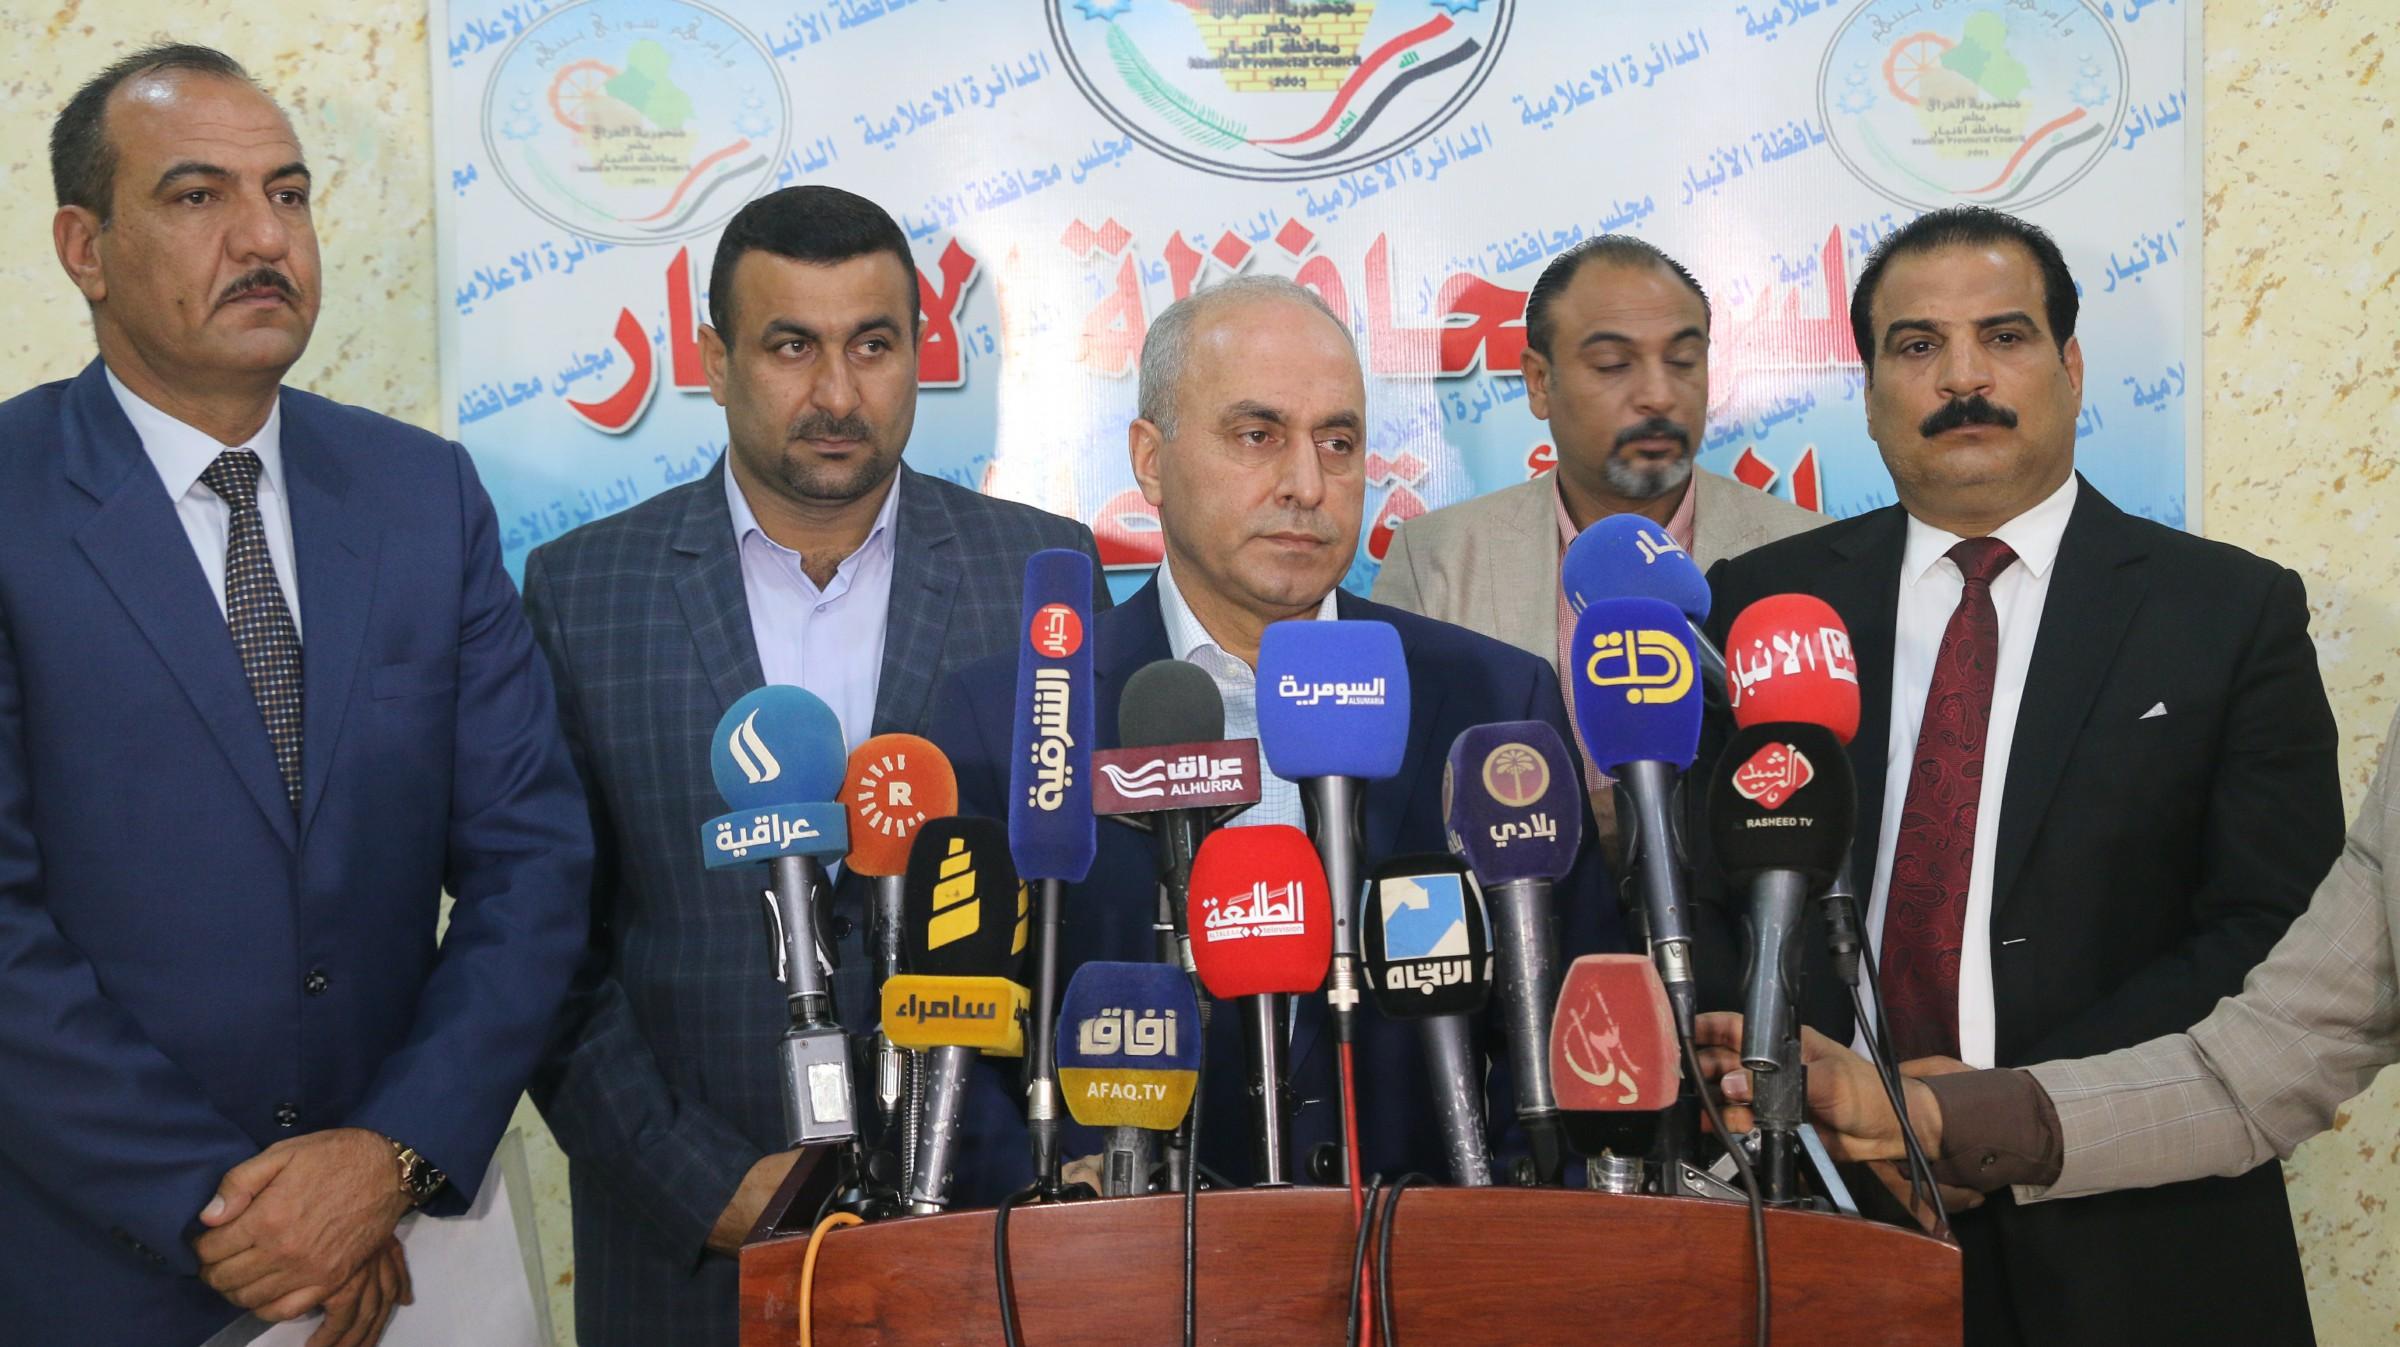 """وزير التخطيط يؤكد ان الأنبار تحتاج الى مشاريع """"مضاعفة"""" بسبب الدمار"""